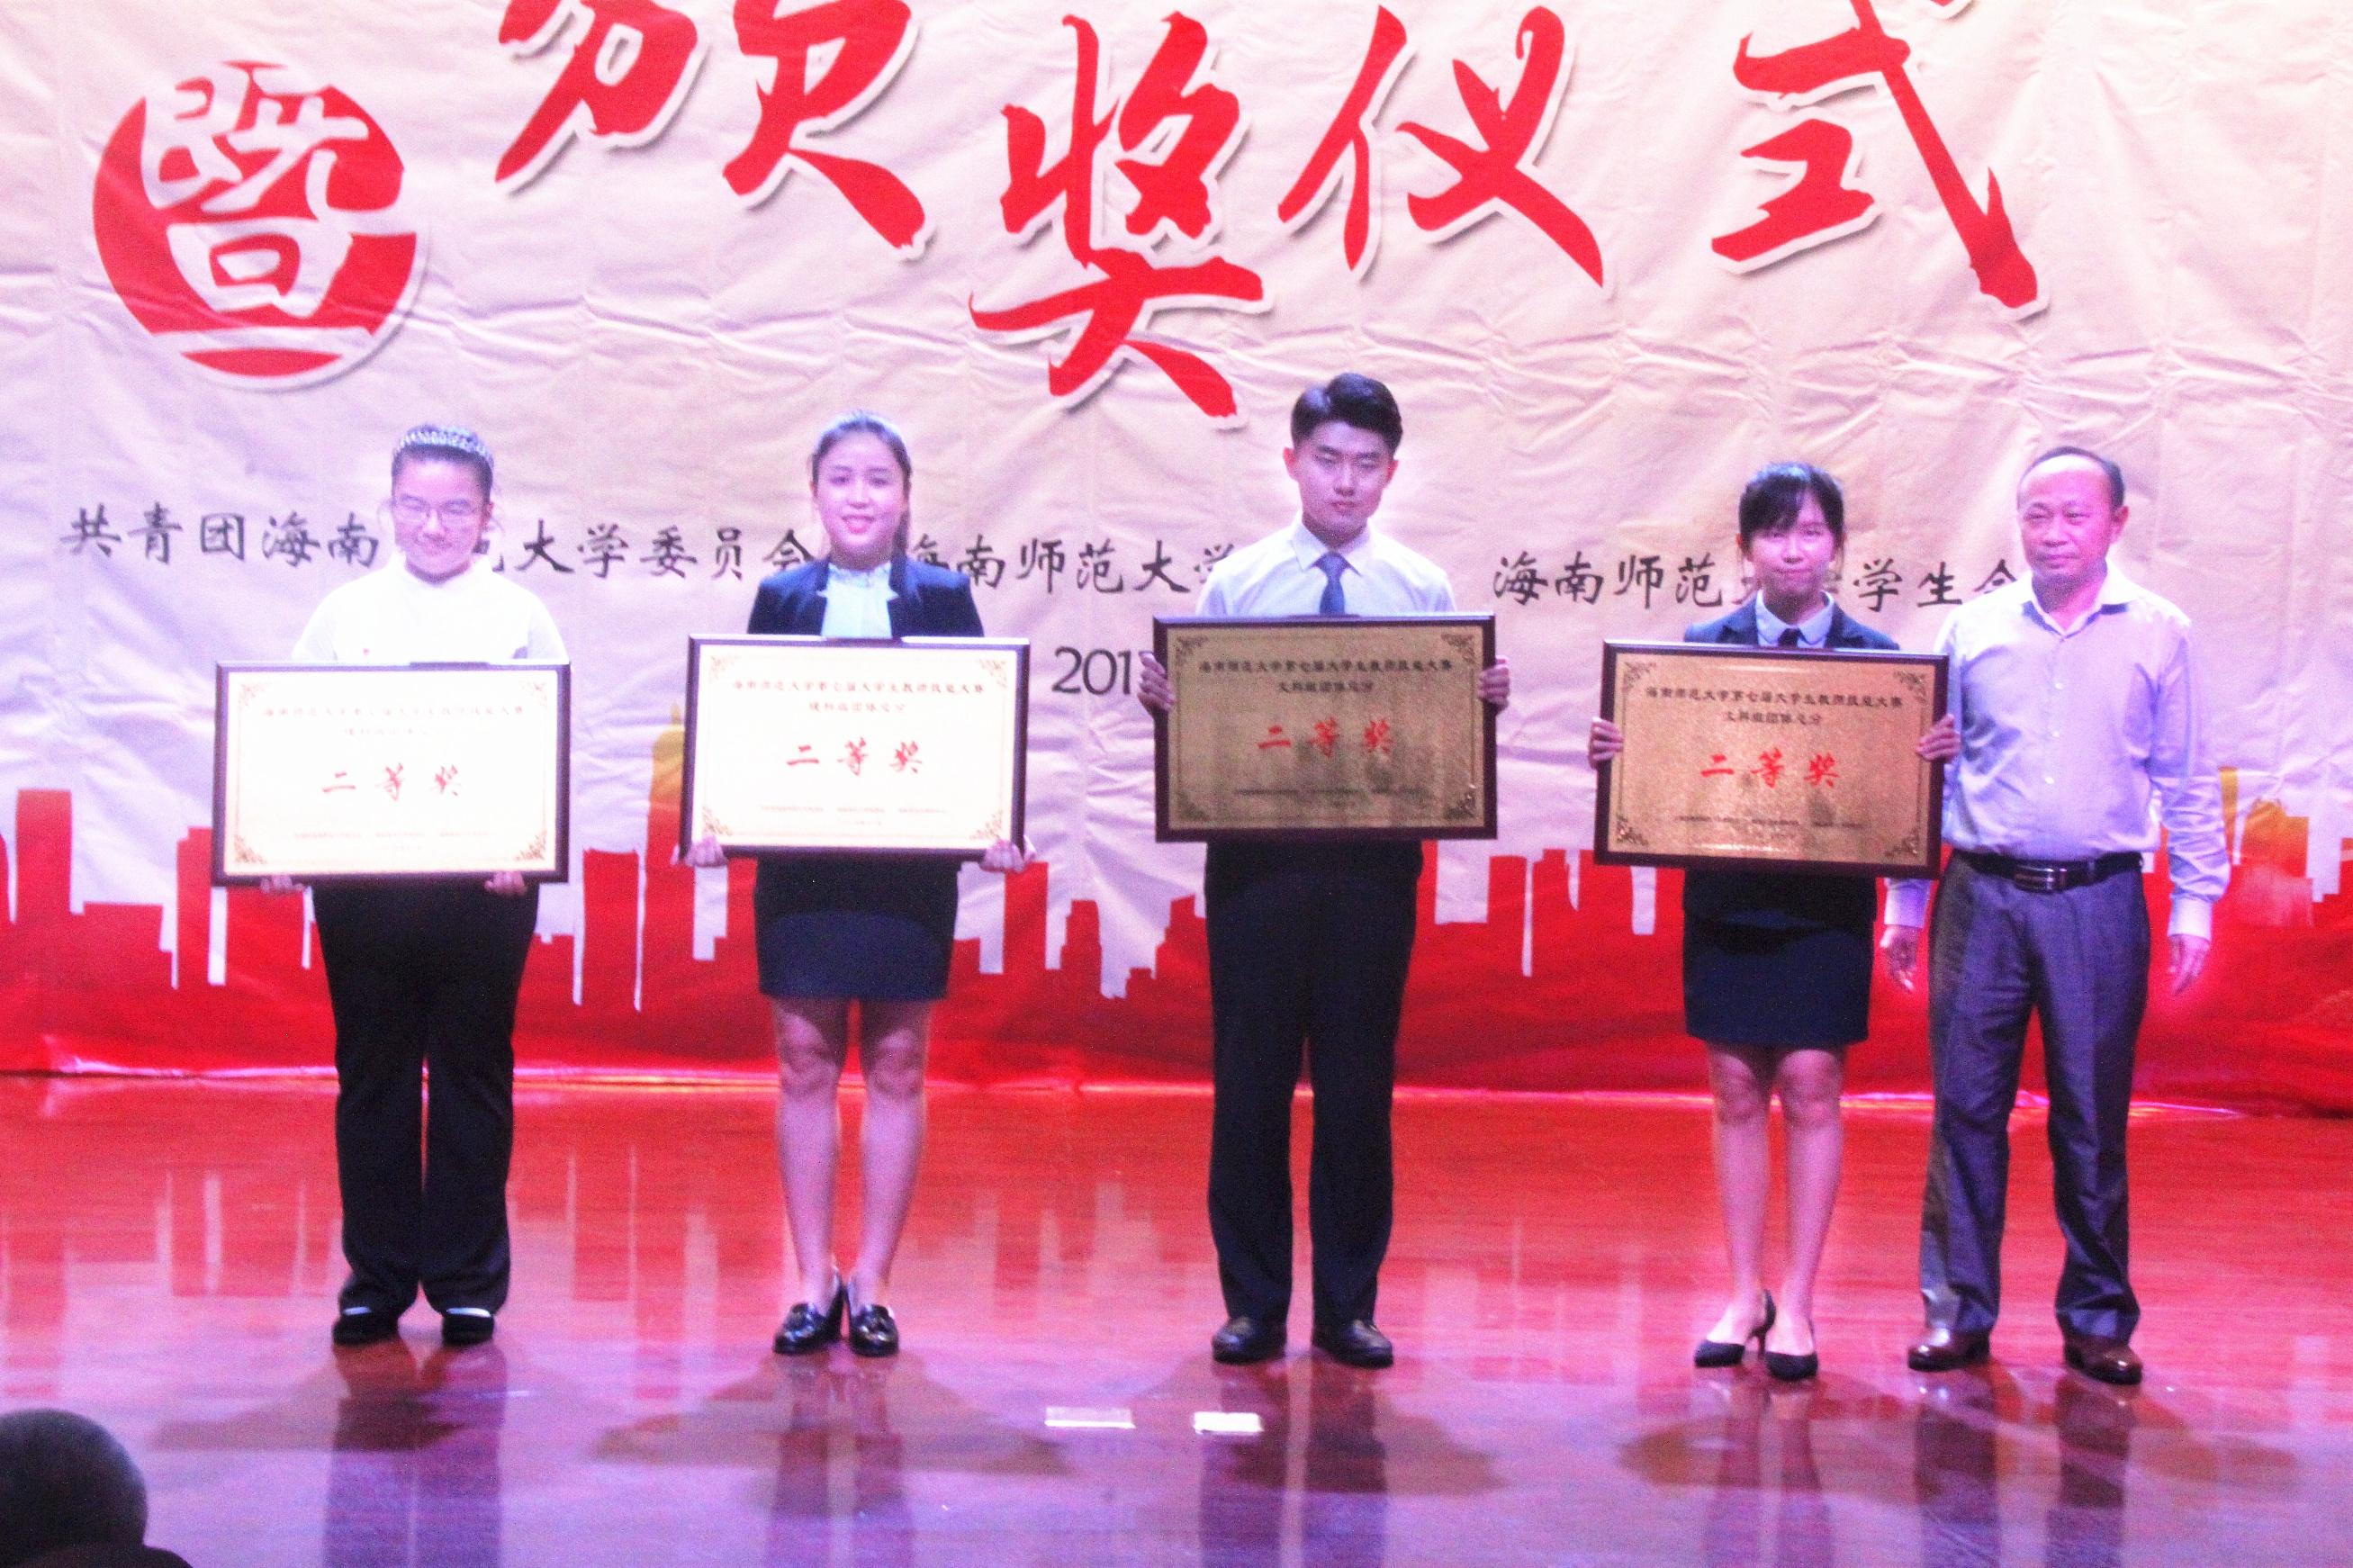 我校举办第七届大学生教师技能大赛之班主任工作技能决赛暨颁奖典礼